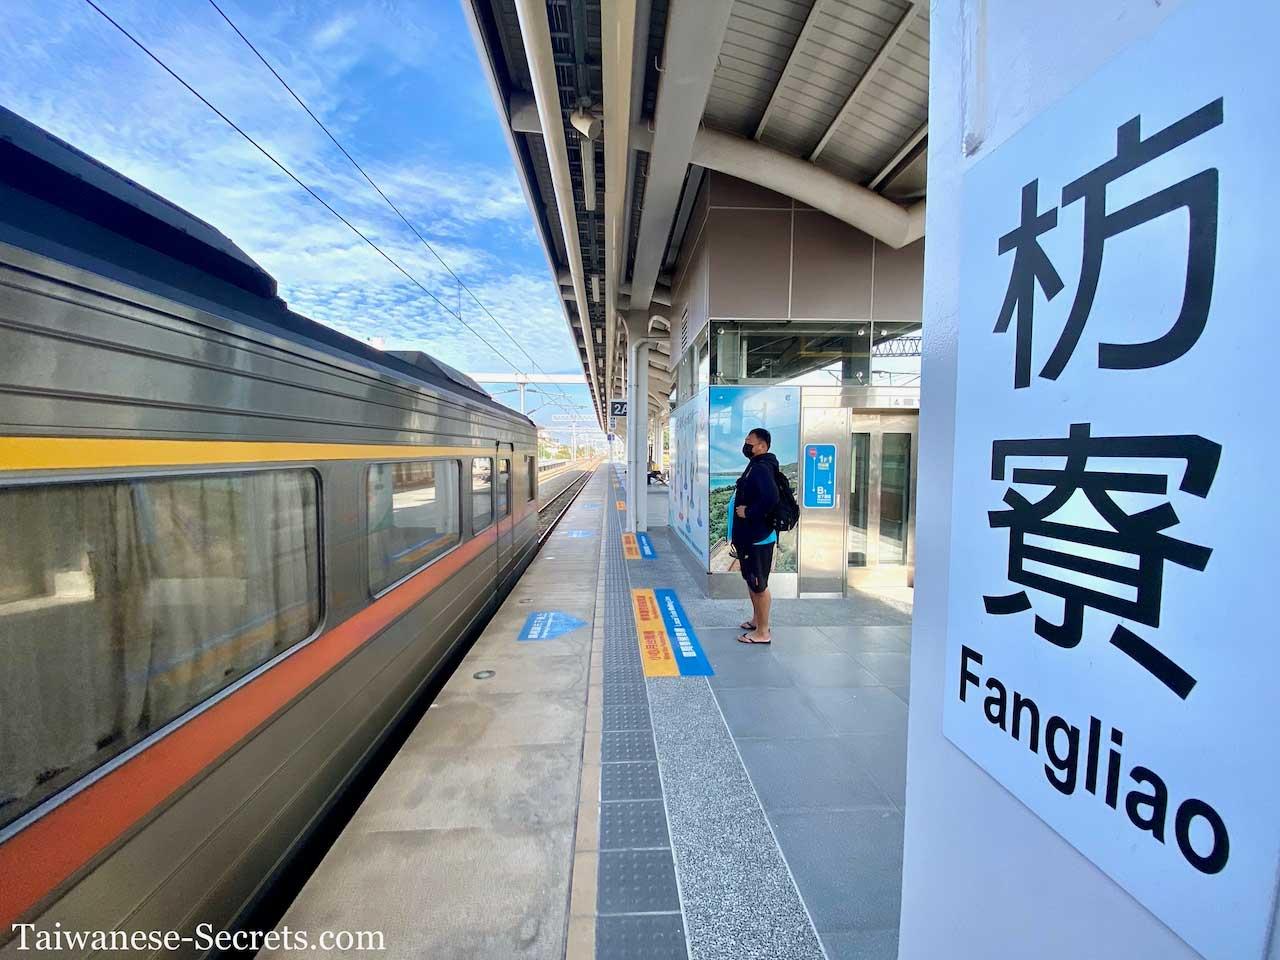 Kaohsiung to Fangliao Train